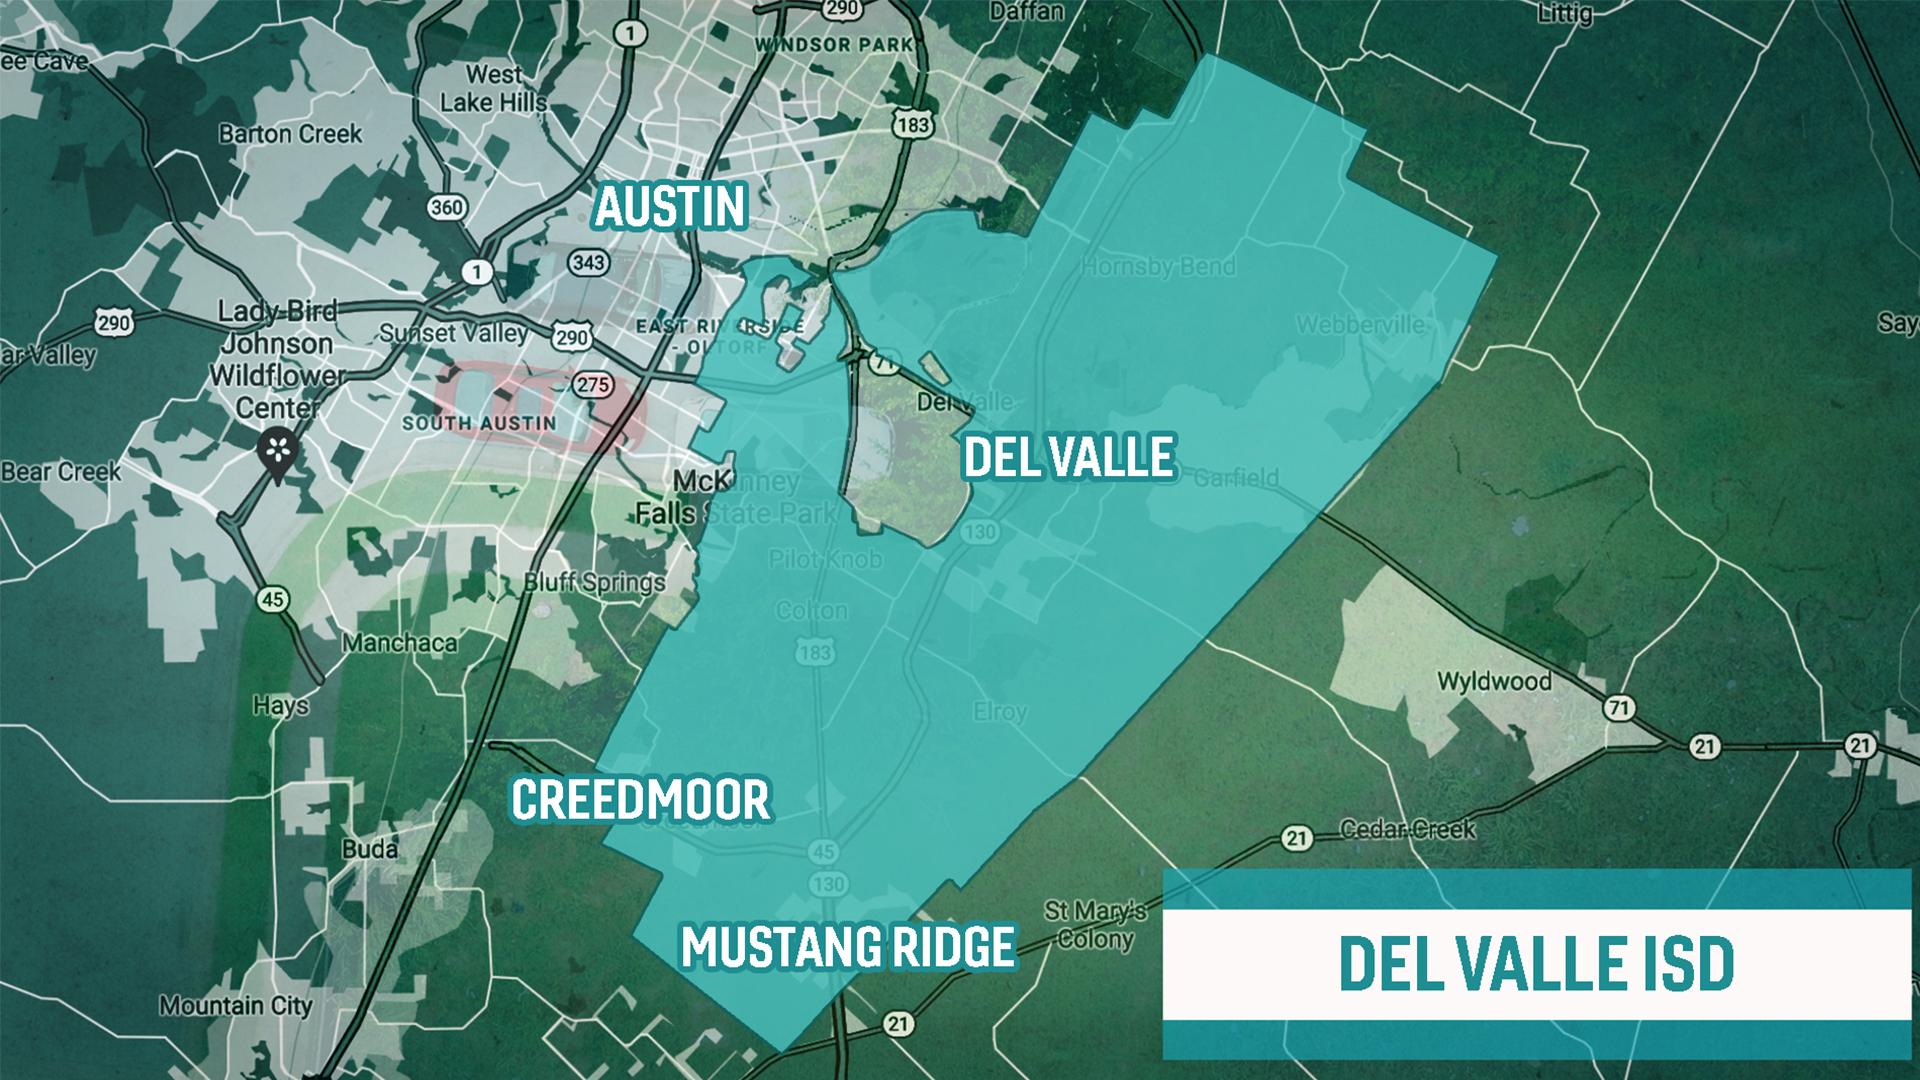 DVISD MAP